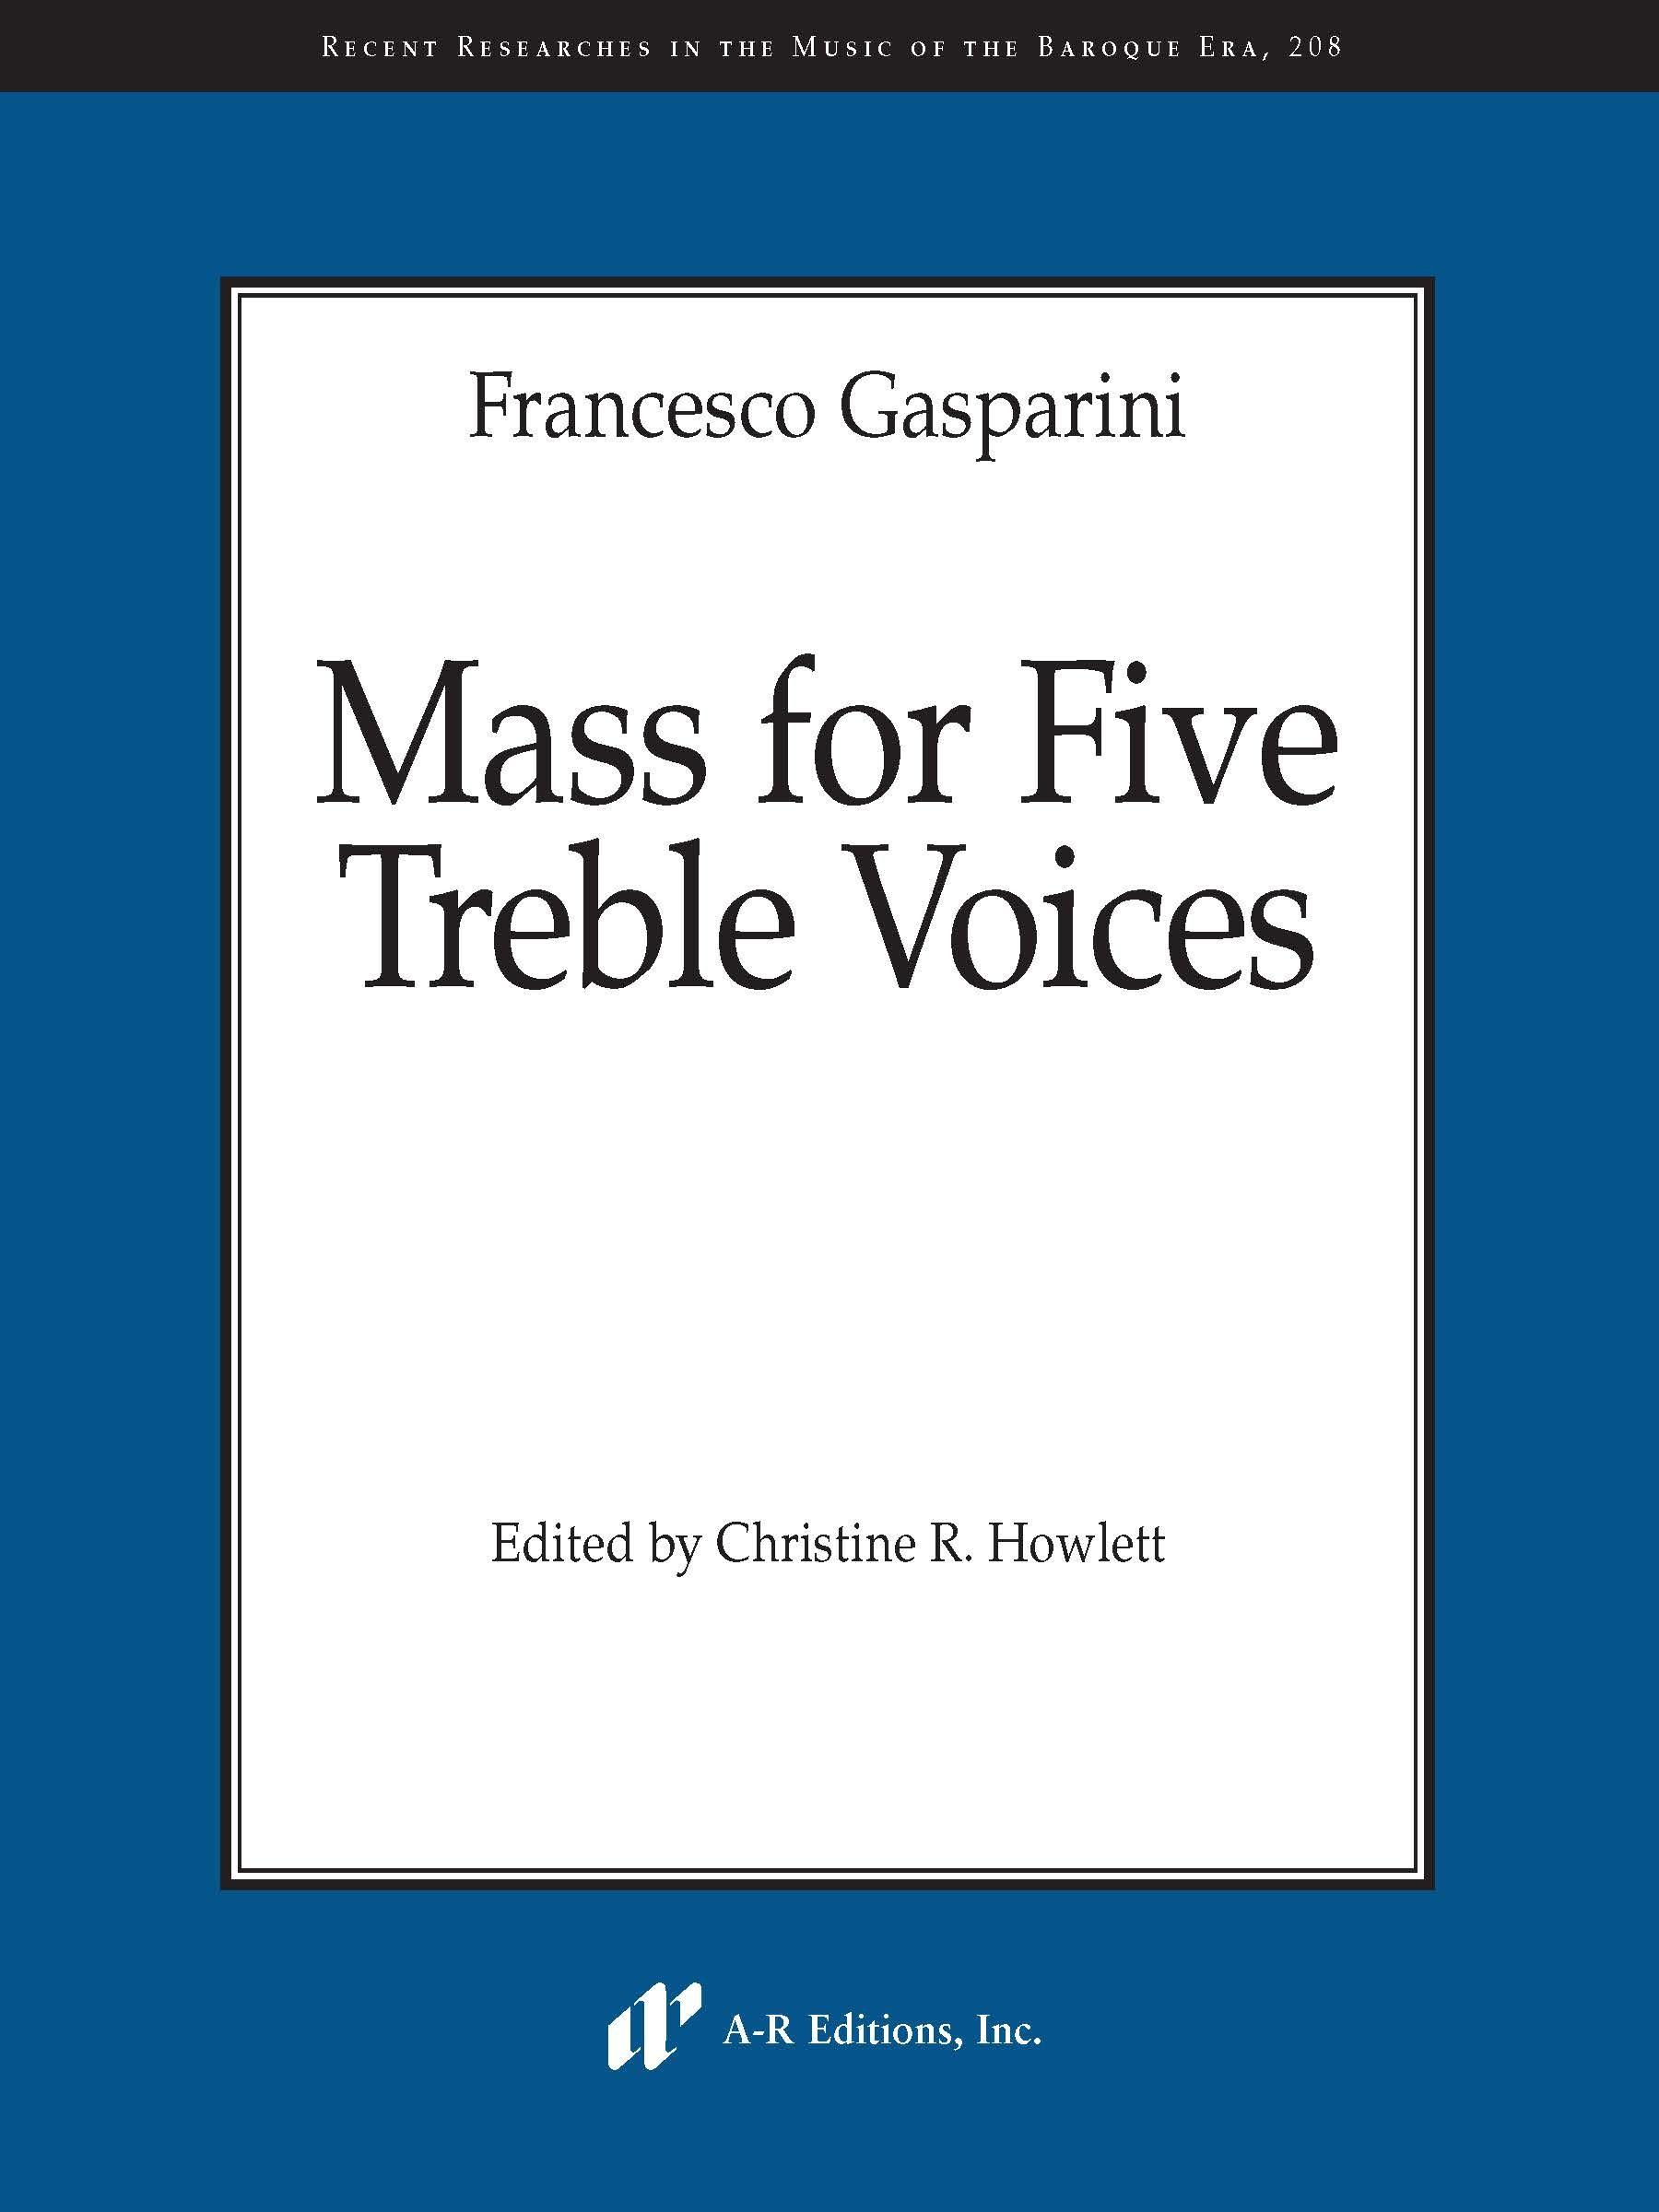 Gasparini: Mass for Five Treble Voices